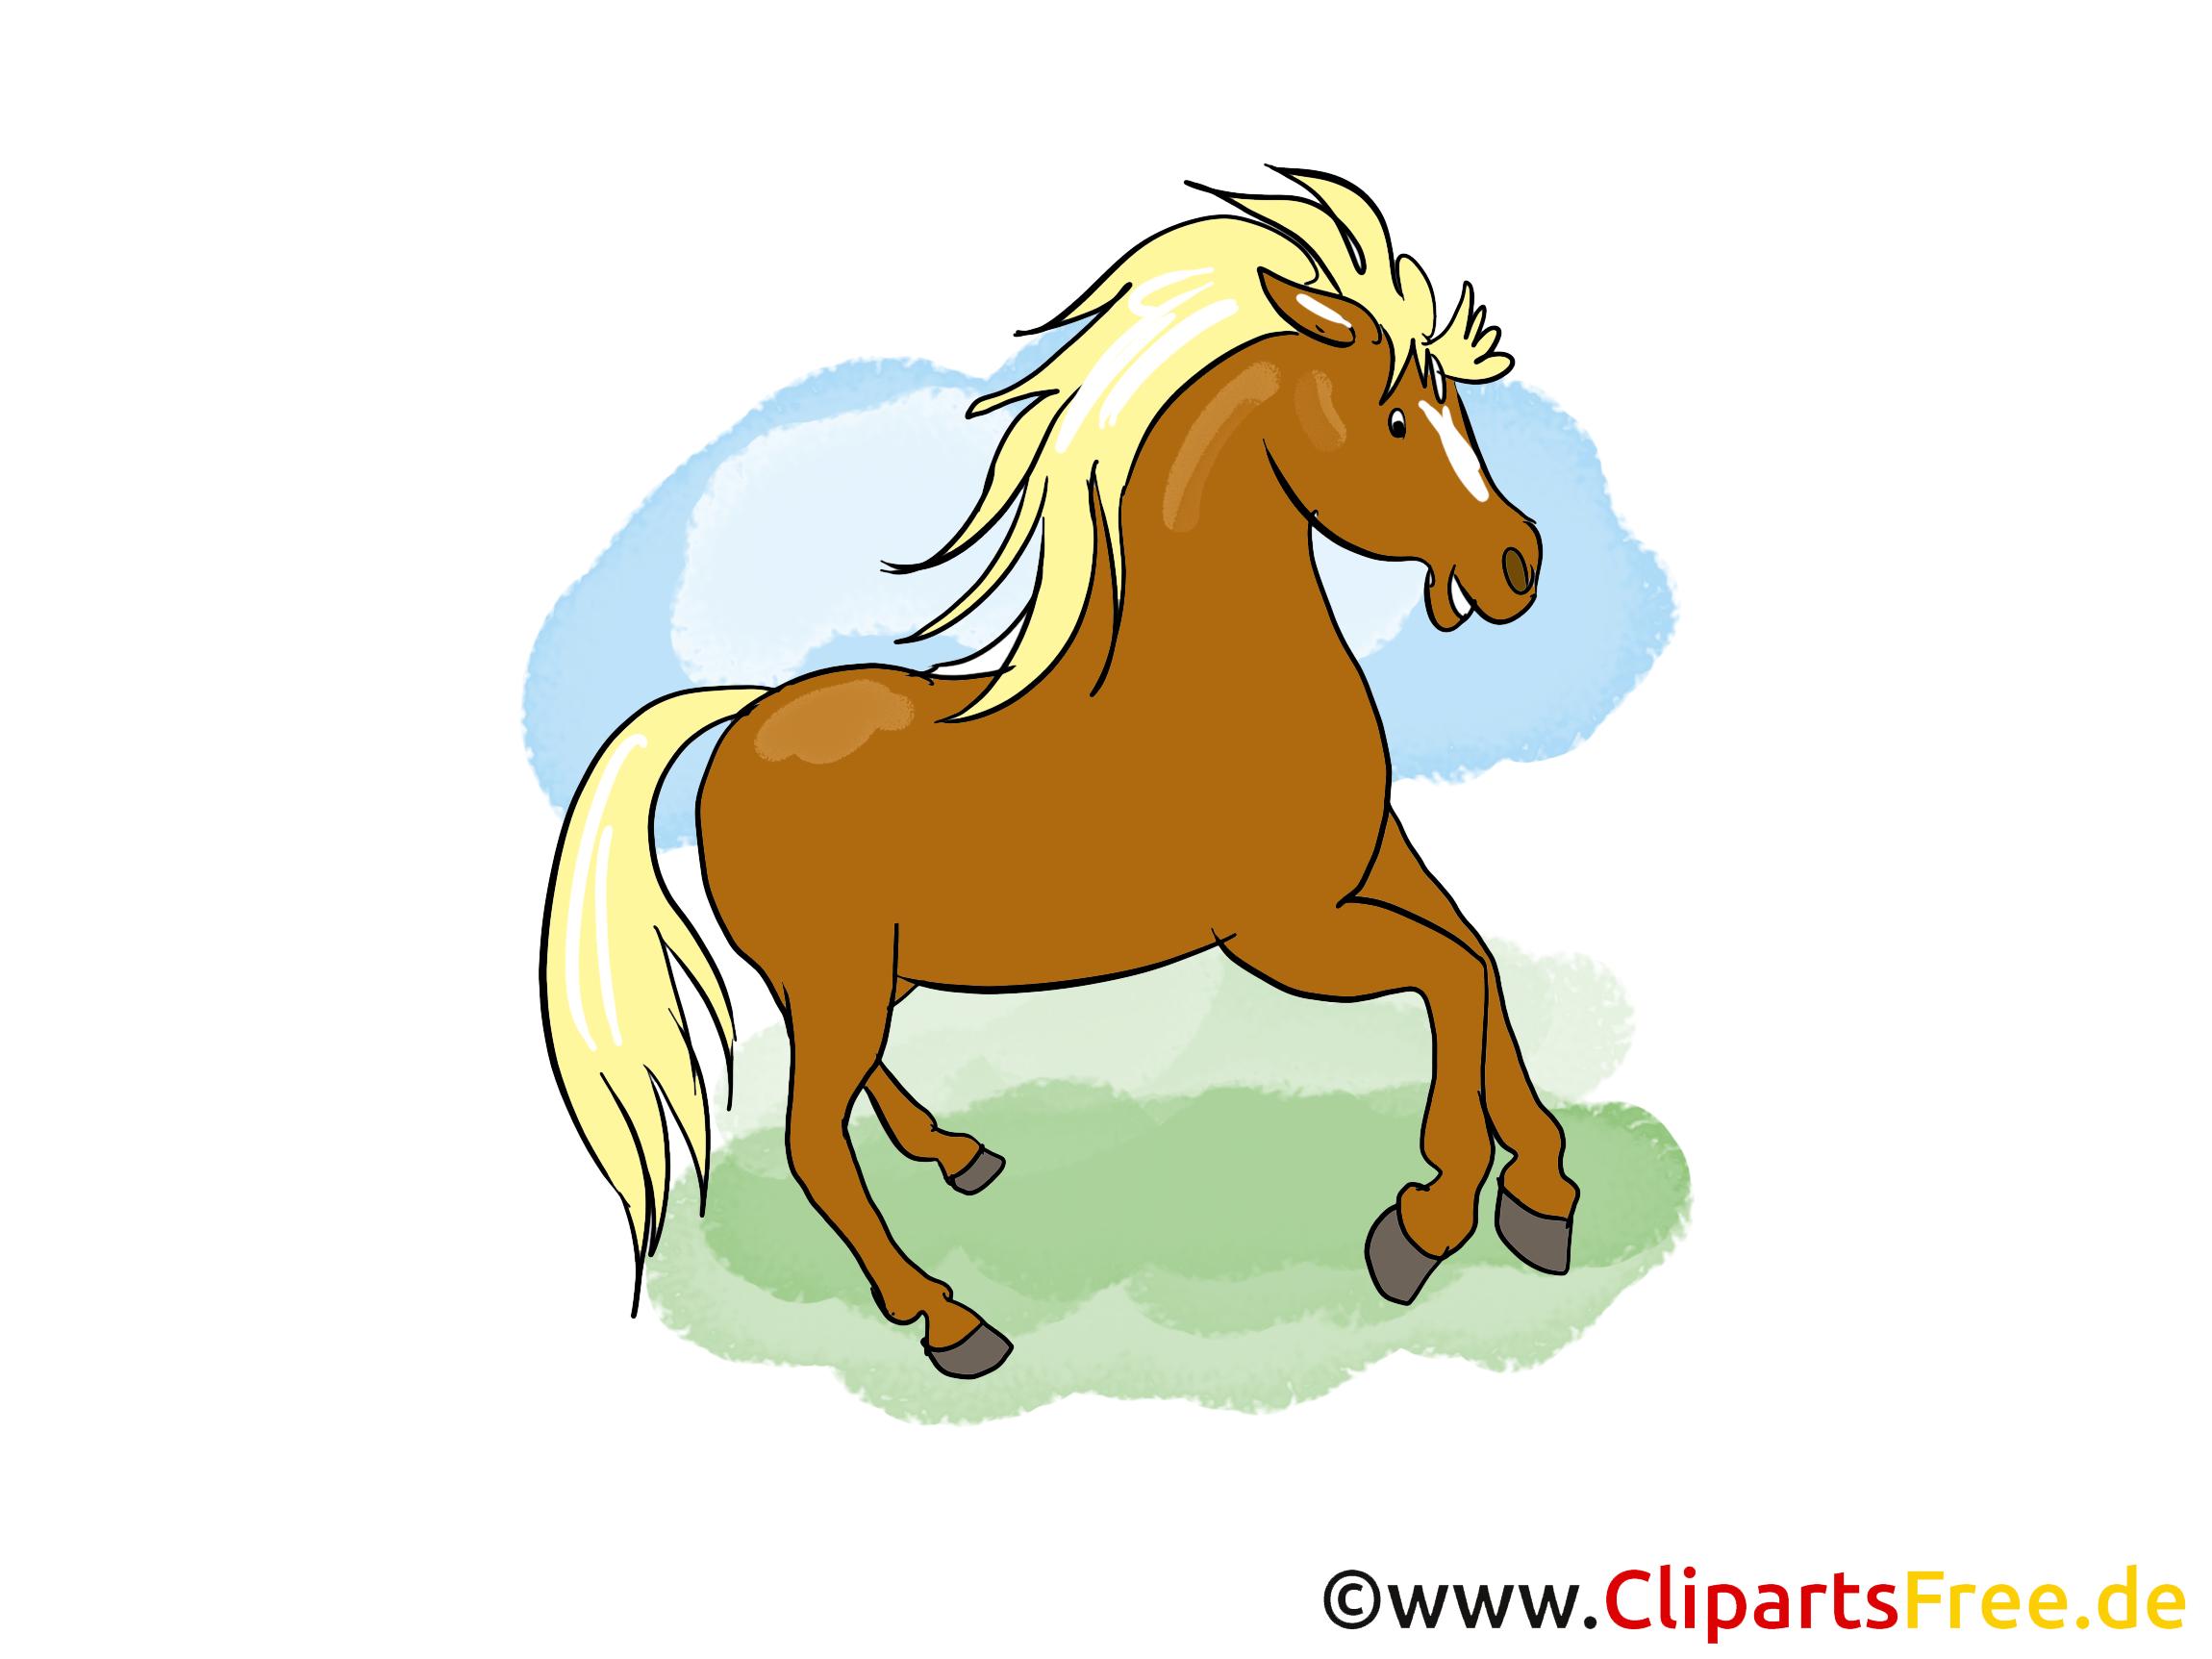 Cliparts gratuis cheval images chevaux dessin picture - Clipart cheval gratuit ...